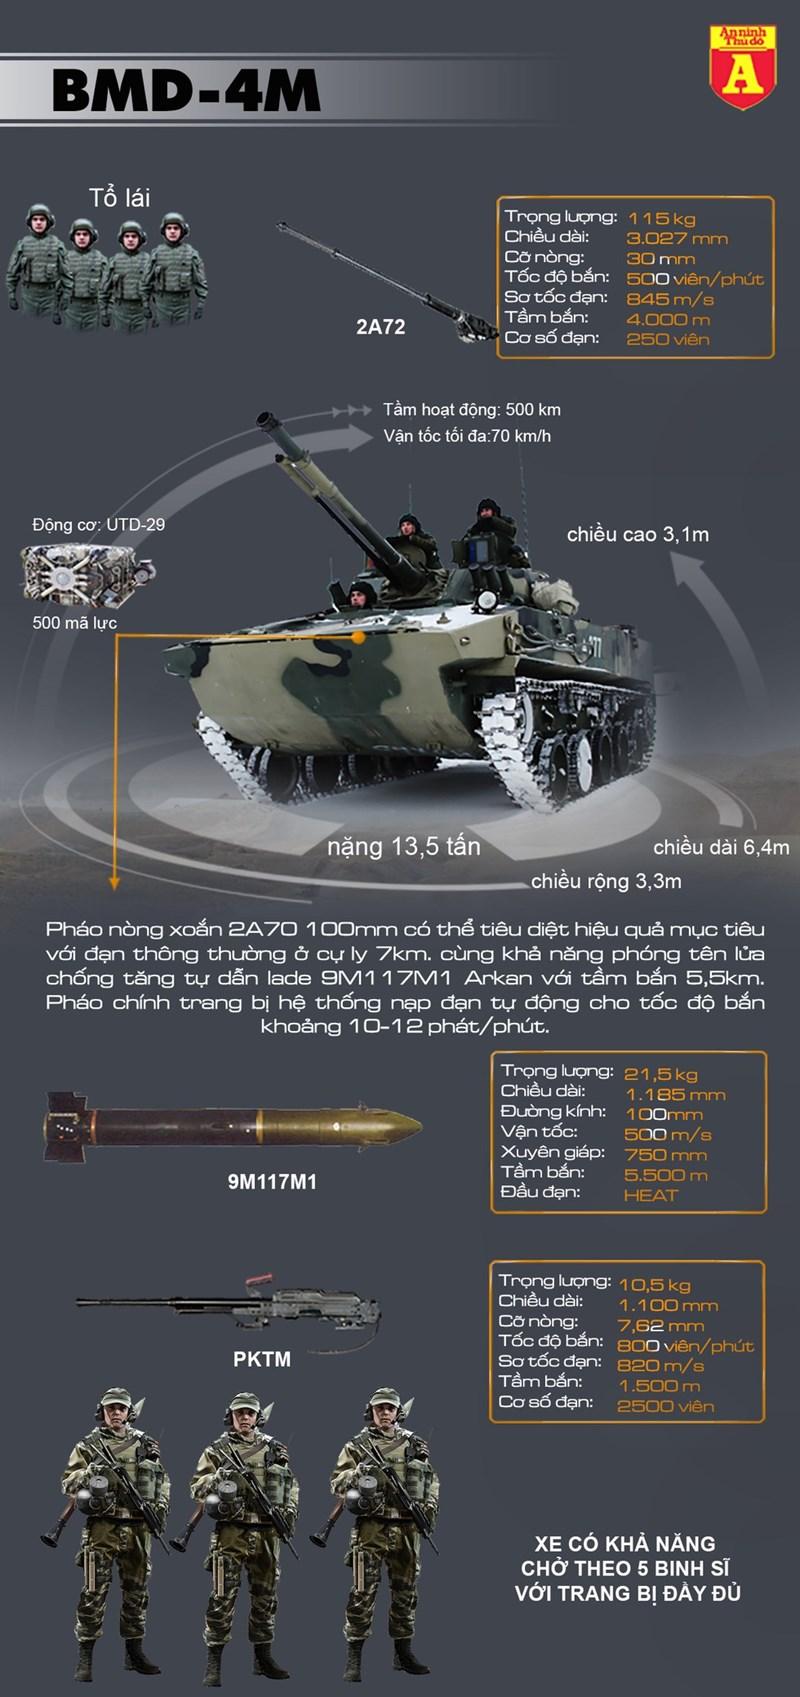 [Infographics] Nga biên chế hàng loạt thiết giáp 'nhảy dù' BMD-4M - Ảnh 1